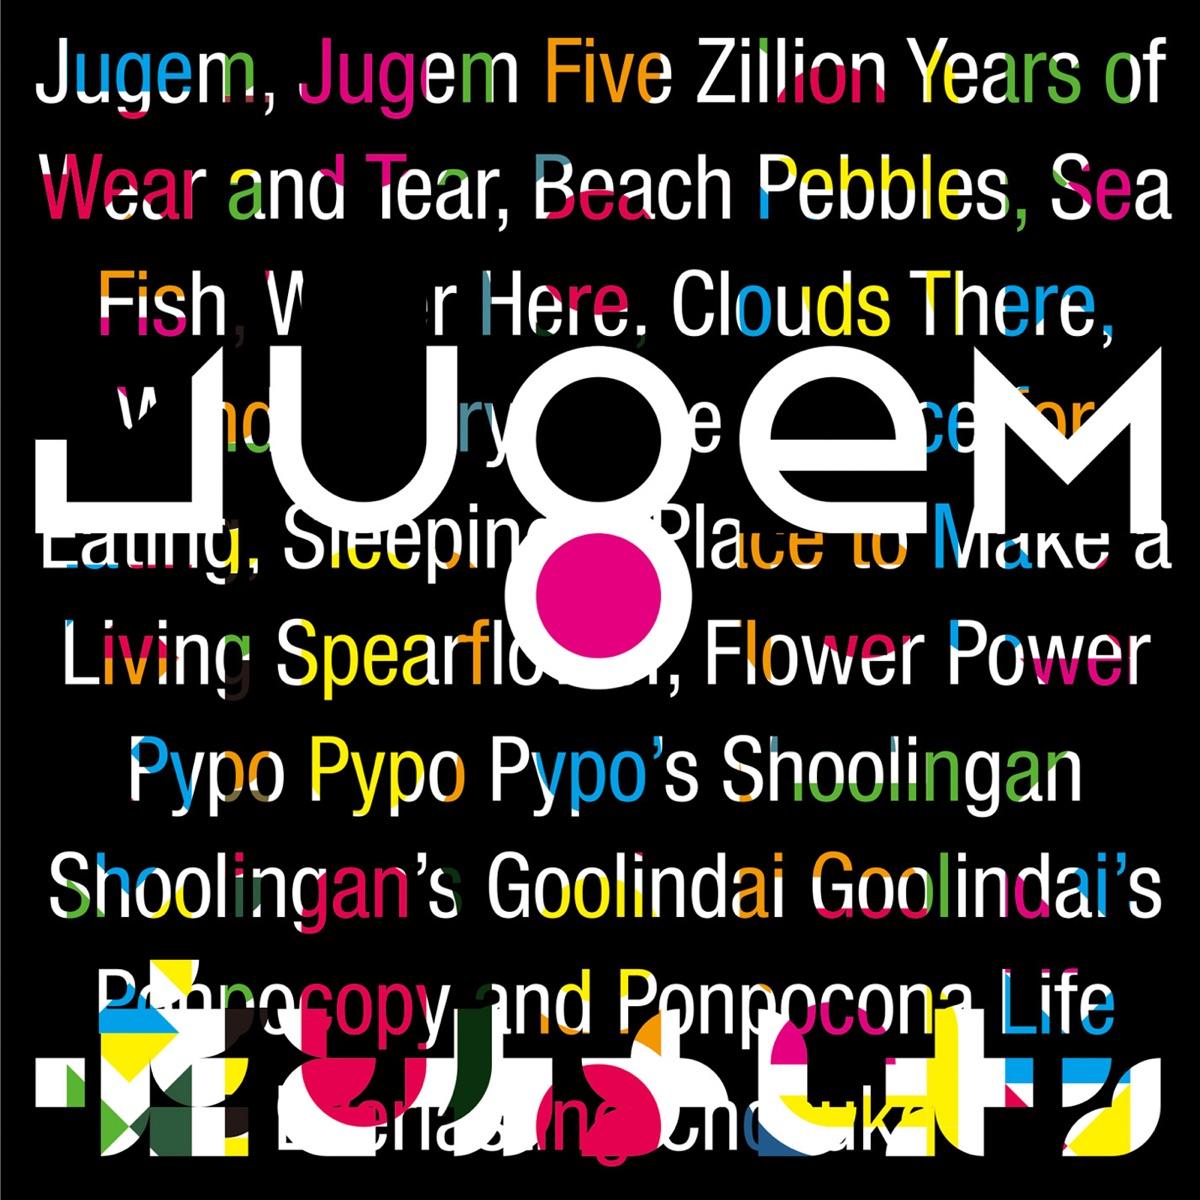 『嘘とカメレオン - カラクリdestruction』収録の『JUGEM』ジャケット